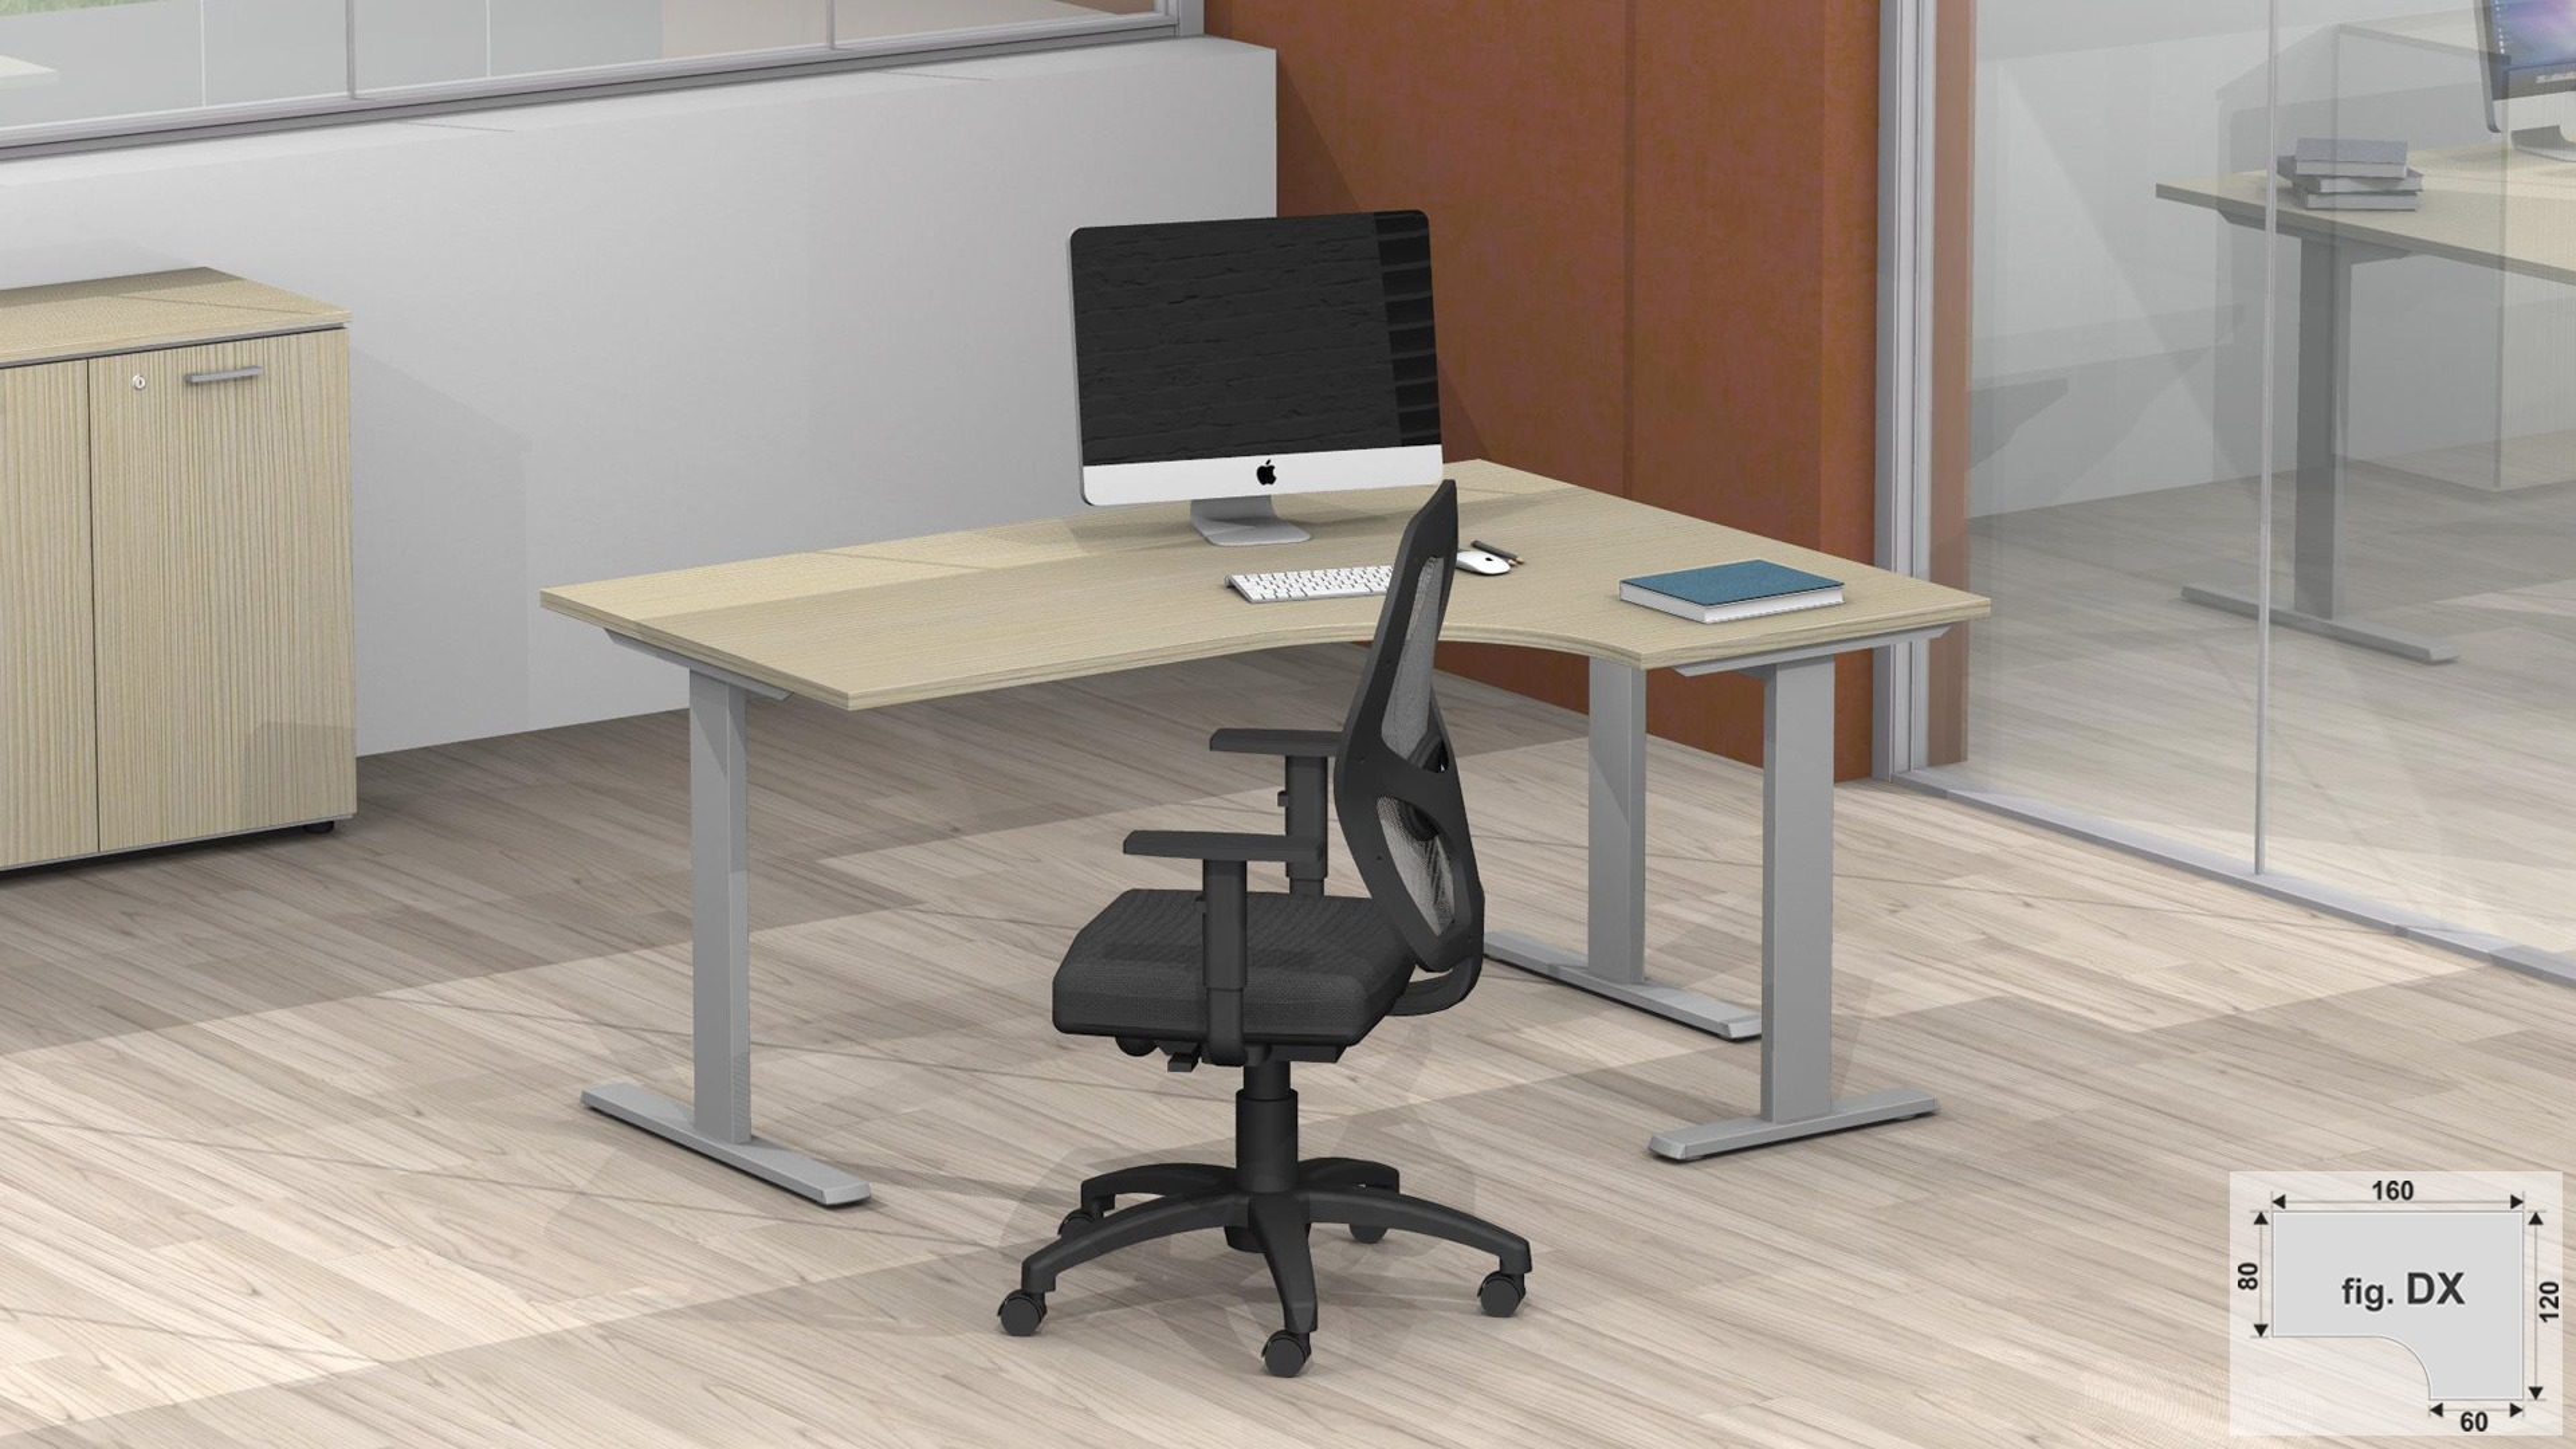 Scrivania workstation DX o SX con struttura metallica